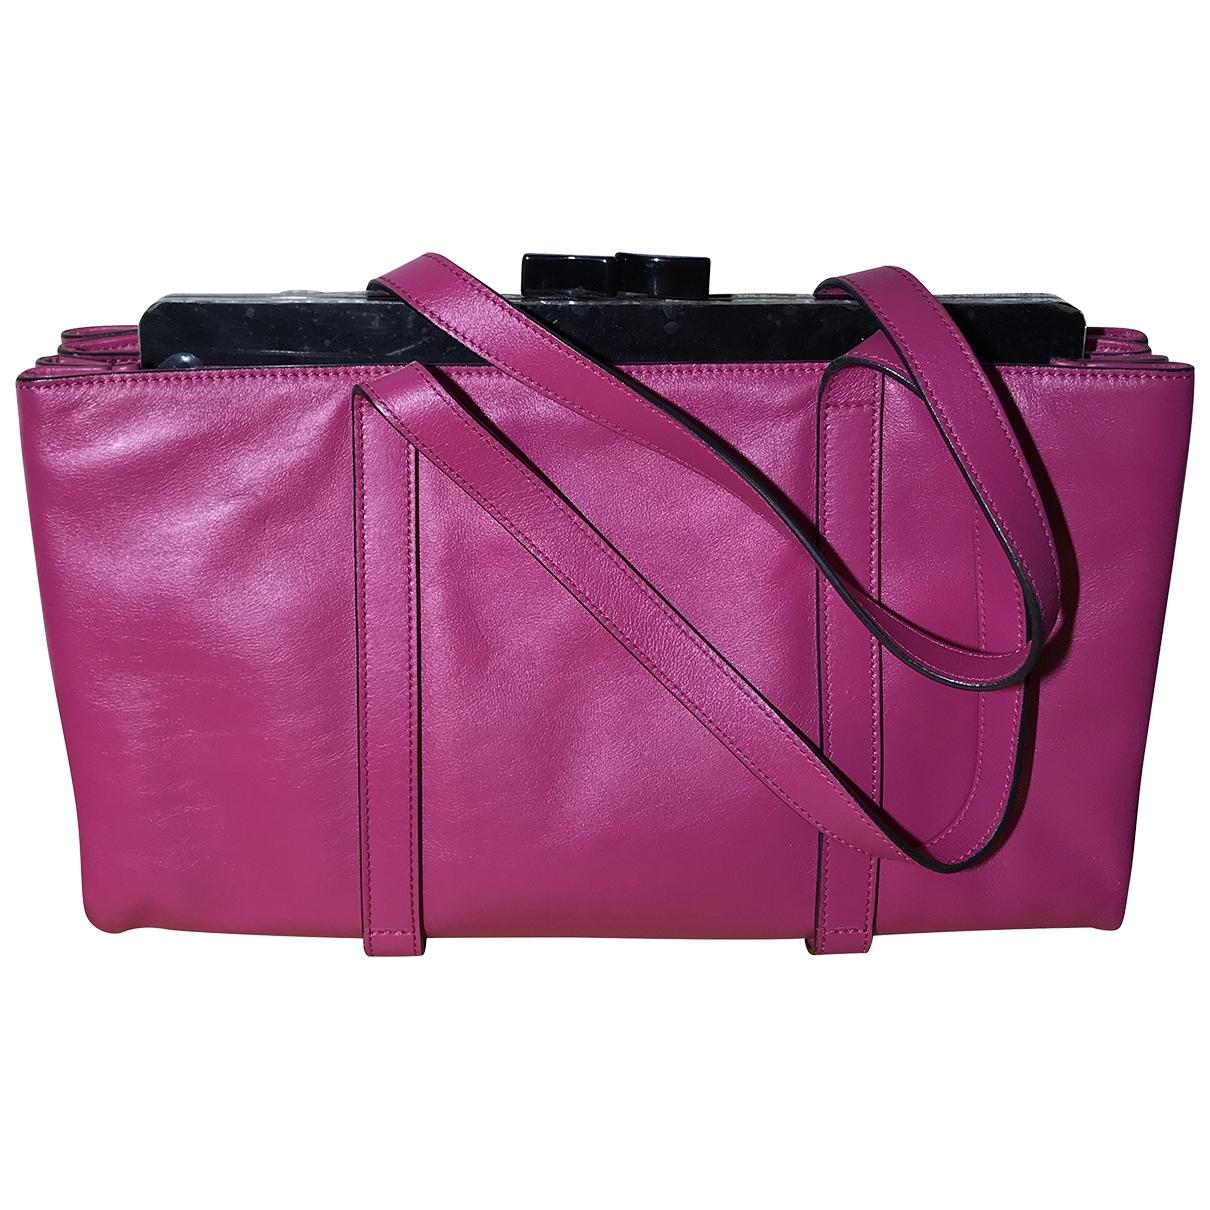 Giorgio Armani - Sac a main   pour femme en cuir - rose